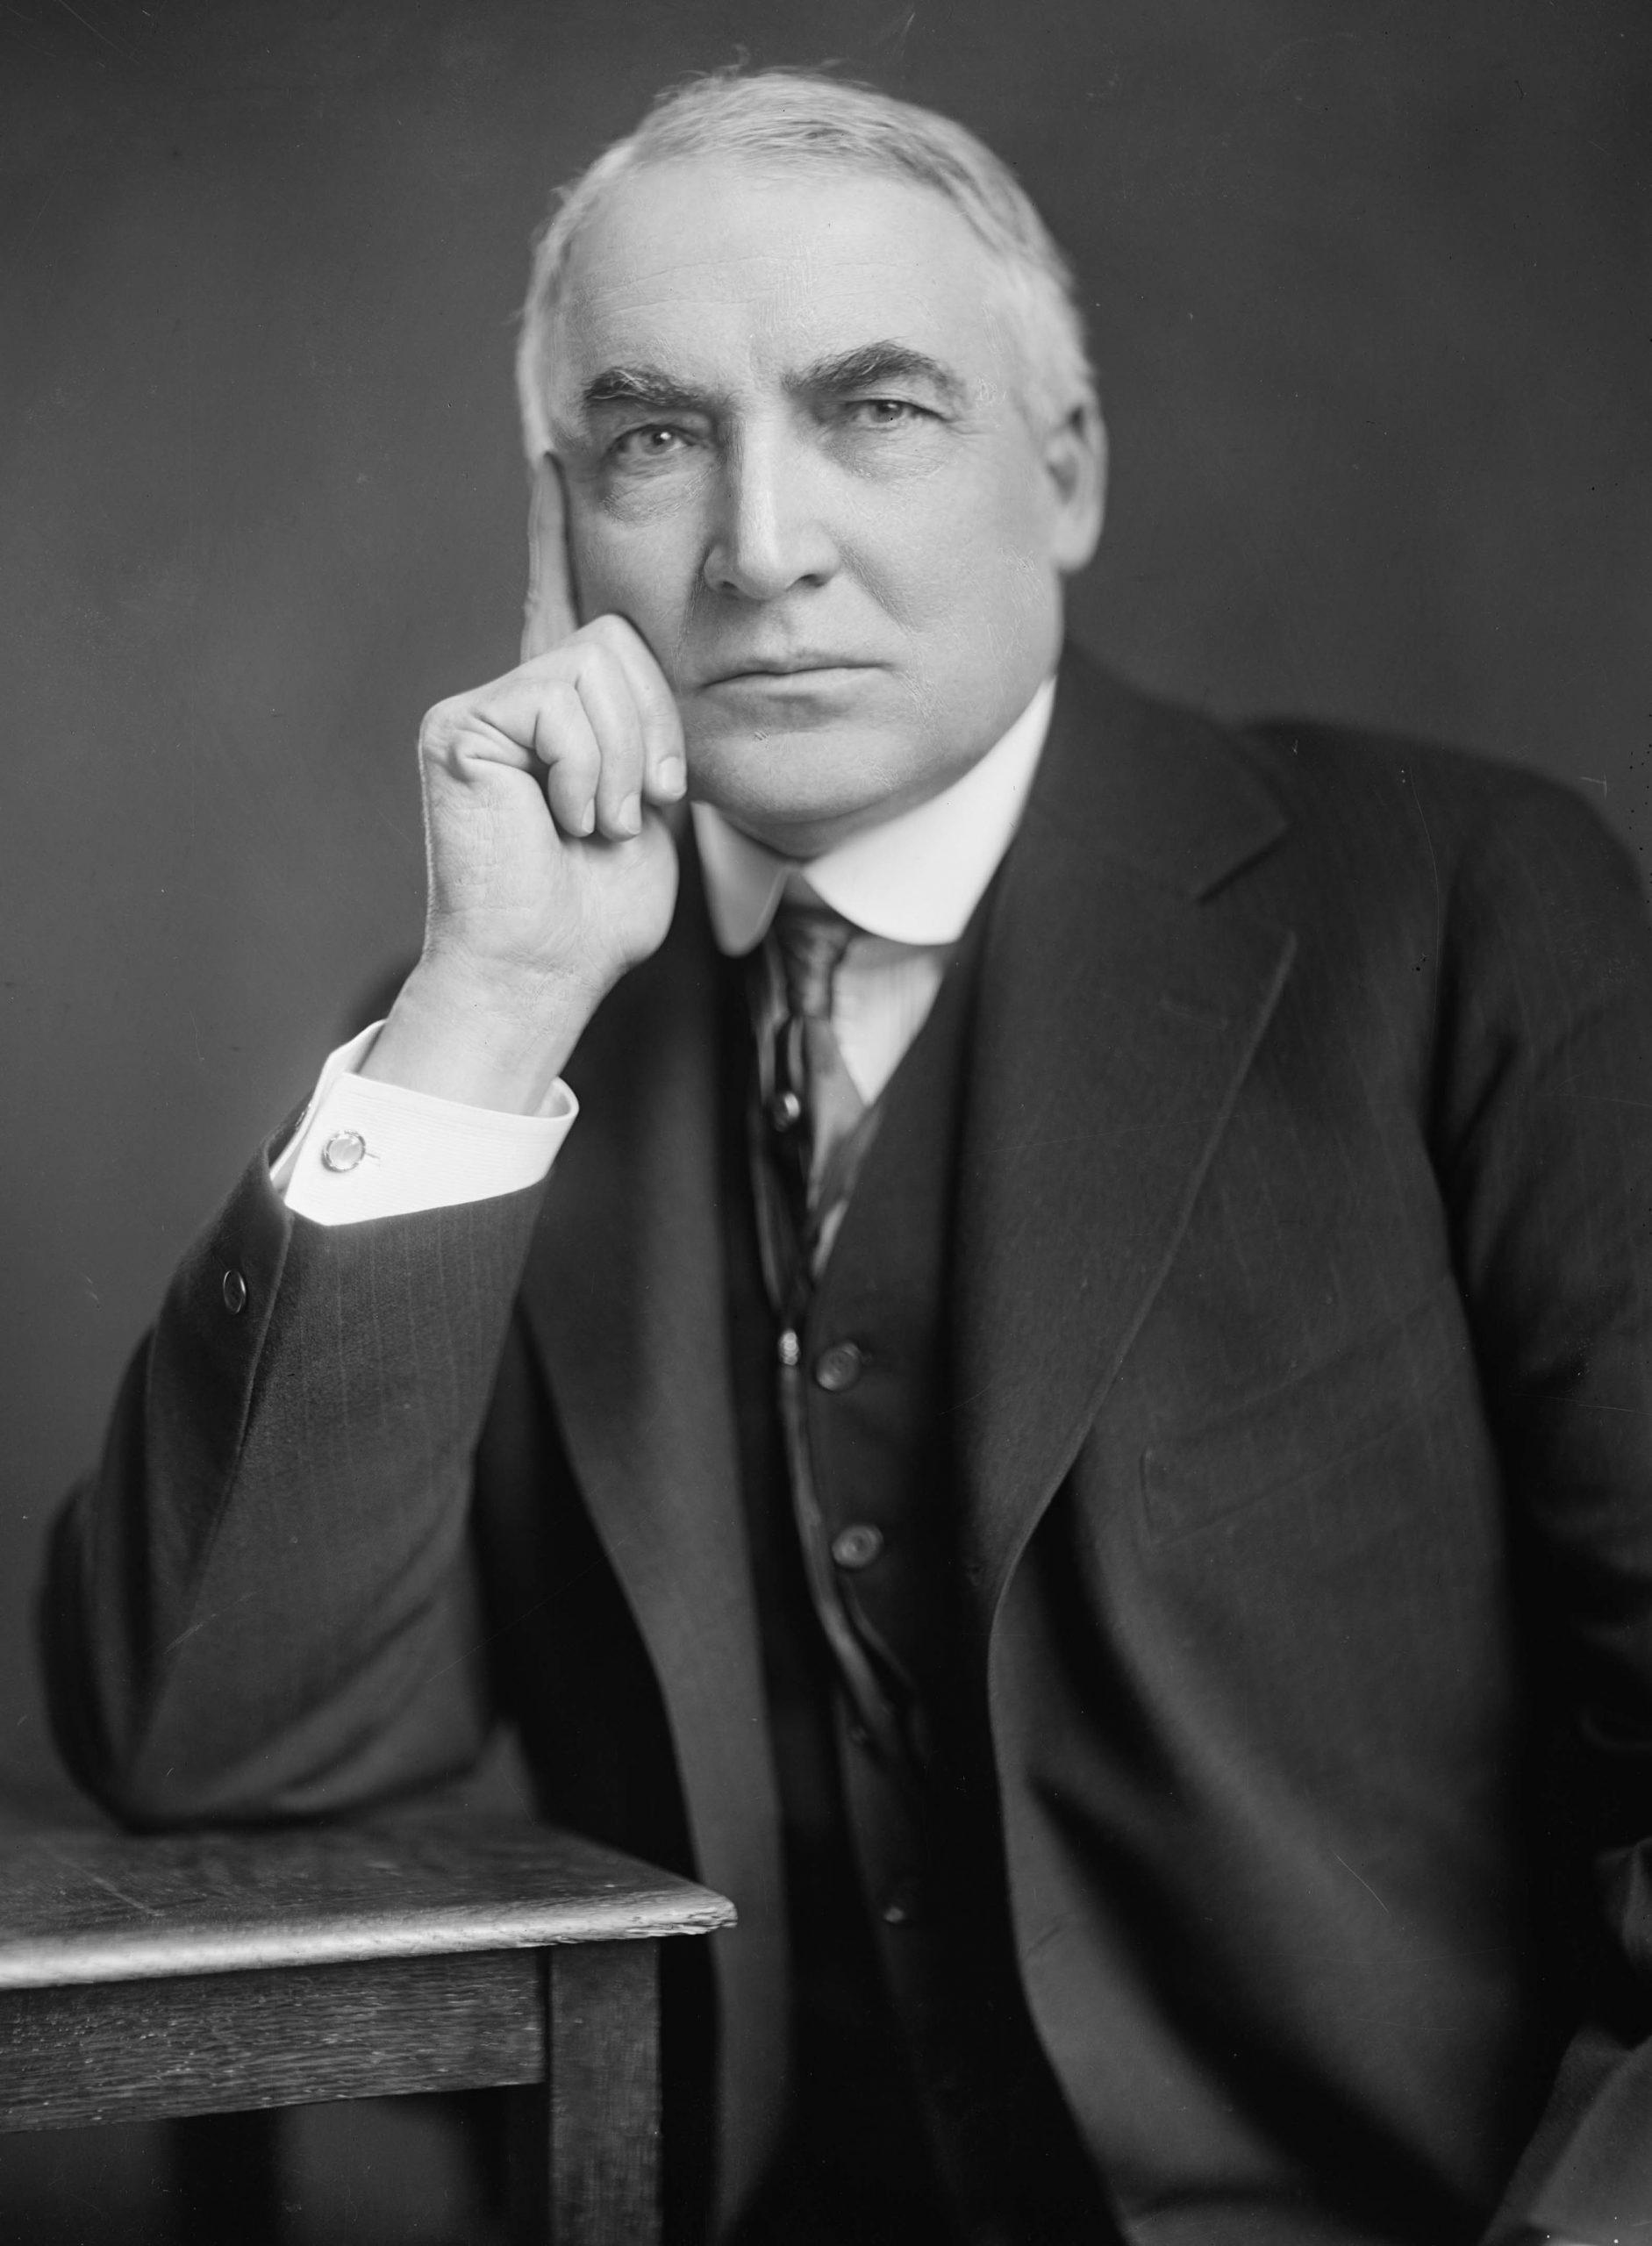 Warren G. Harding in 1920